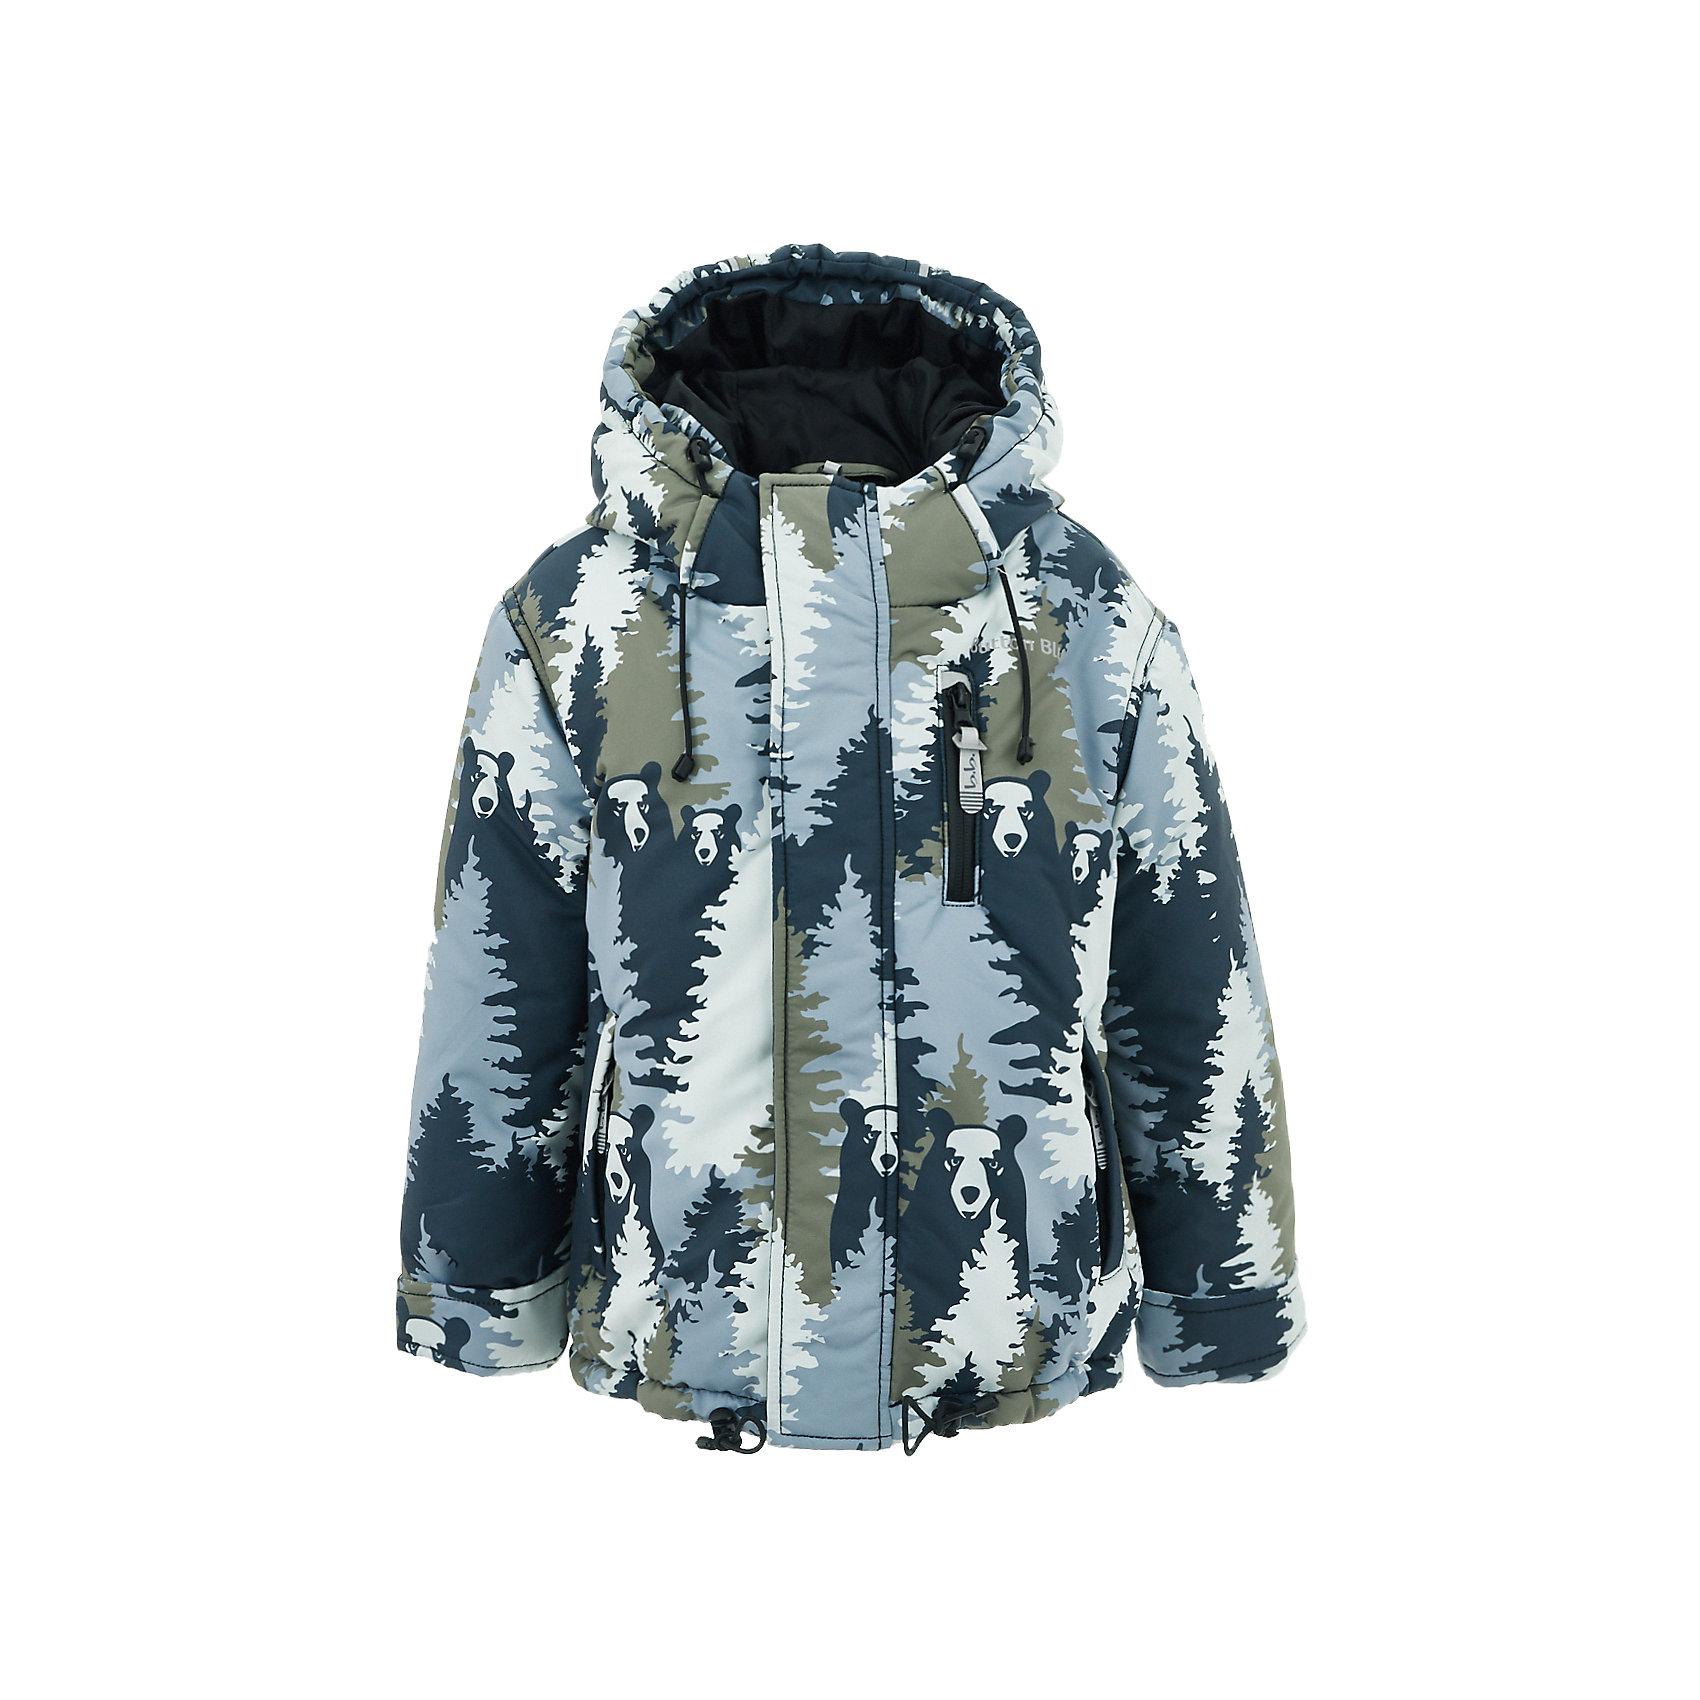 Куртка Button Blue для мальчикаВерхняя одежда<br>Характеристики товара:<br><br>• цвет: серый принт;<br>• состав: 100% полиэстер;<br>• подкладка: 100% полиэстер, флис;<br>• утеплитель: 100% полиэстер;<br>• сезон: зима;<br>• температурный режим: от 0 до -20С;<br>• застежка: молния с защитой подбородка;<br>• дополнительная защитная планка на липучках;<br>• сплошная подкладка из флиса;<br>• эластичные регулируемые манжеты на липучке;<br>• внутренний манжет с отверстием для большого пальца;<br>• водоотталкивающая ткань;<br>• внутренняя утяжка по низу изделия;<br>• карманы на молнии;<br>• страна бренда: Россия;<br>• страна изготовитель: Китай.<br><br>Яркая куртка из мембранной плащевки понравится всем любителям активных прогулок! Куртка сделана с соблюдением основных технологических особенностей производства спортивной одежды. Она не промокает, сохраняет тепло, трикотажная подкладка из мягкого флиса создает комфорт при длительной носке, утяжки защищают от продувания, светоотражающие элементы обеспечивают безопасность ребенка. Водоотталкивающая ткань с оригинальным рисунком делает куртку запоминающейся.<br><br>Куртку Button Blue (Баттон Блю) можно купить в нашем интернет-магазине.<br><br>Ширина мм: 356<br>Глубина мм: 10<br>Высота мм: 245<br>Вес г: 519<br>Цвет: серый<br>Возраст от месяцев: 144<br>Возраст до месяцев: 156<br>Пол: Мужской<br>Возраст: Детский<br>Размер: 158,98,104,110,116,122,128,134,140,146,152<br>SKU: 7039602